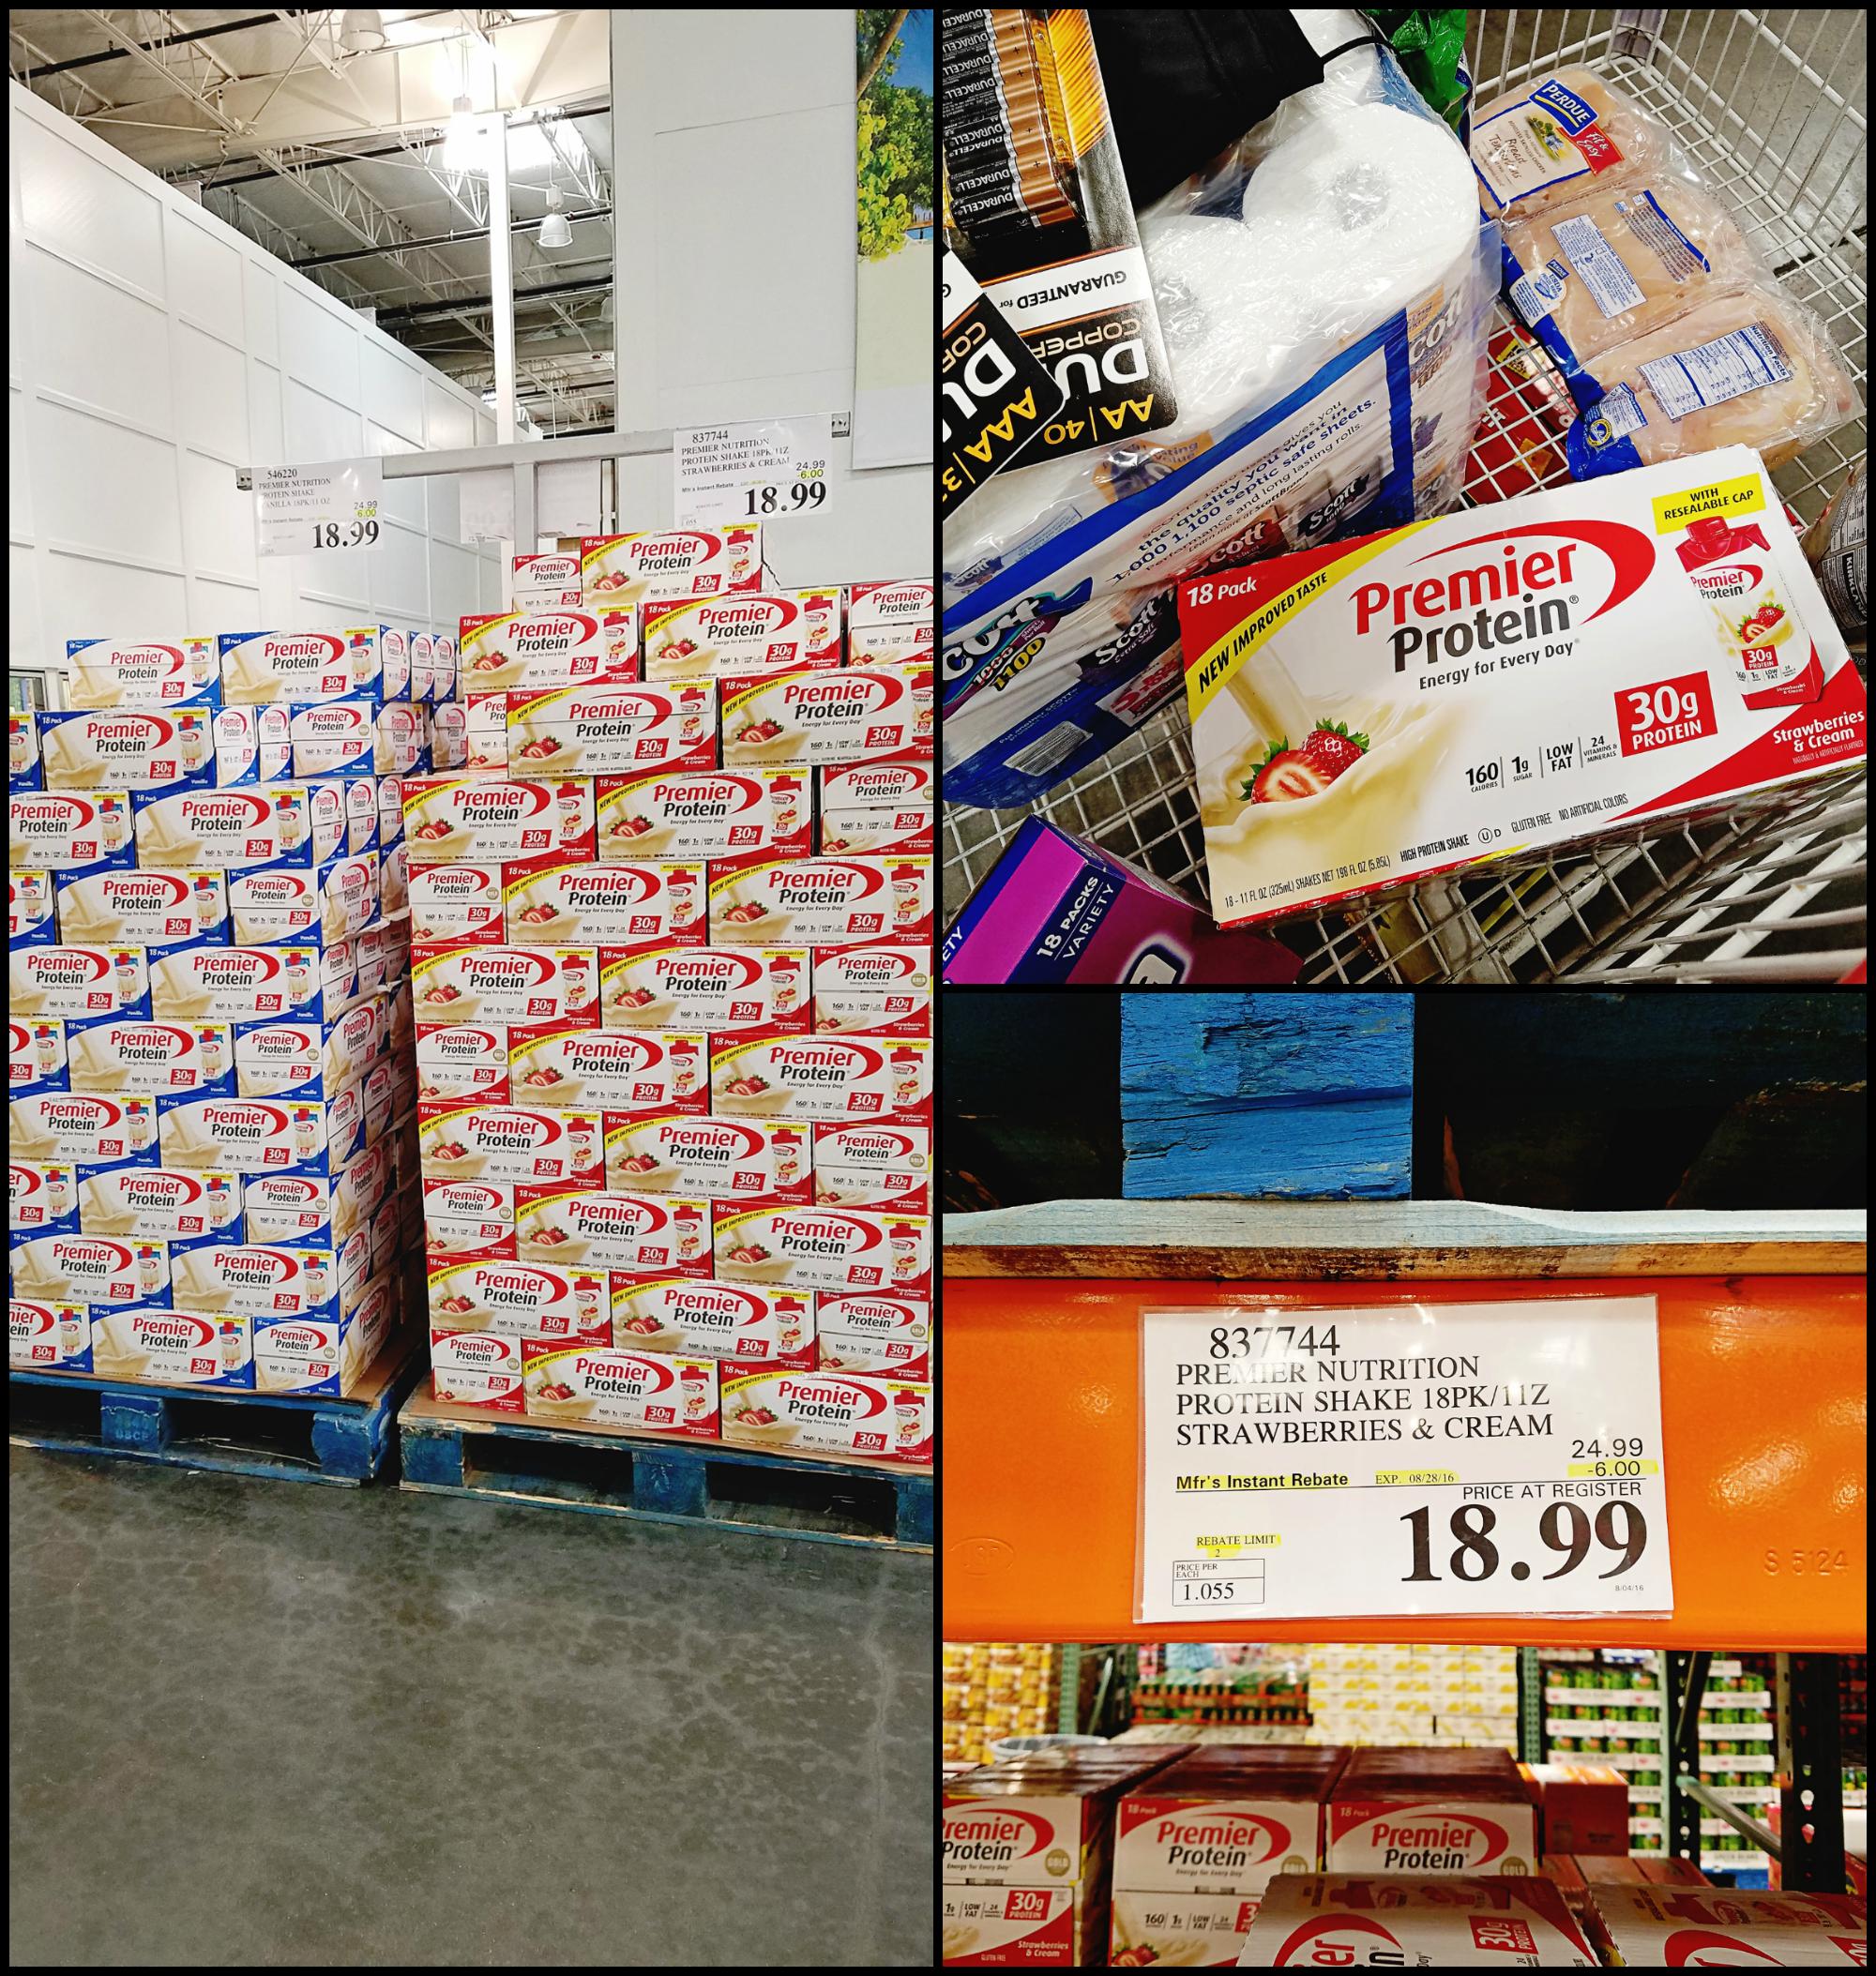 Premier Protein $6.00 Off Sale at Costco!